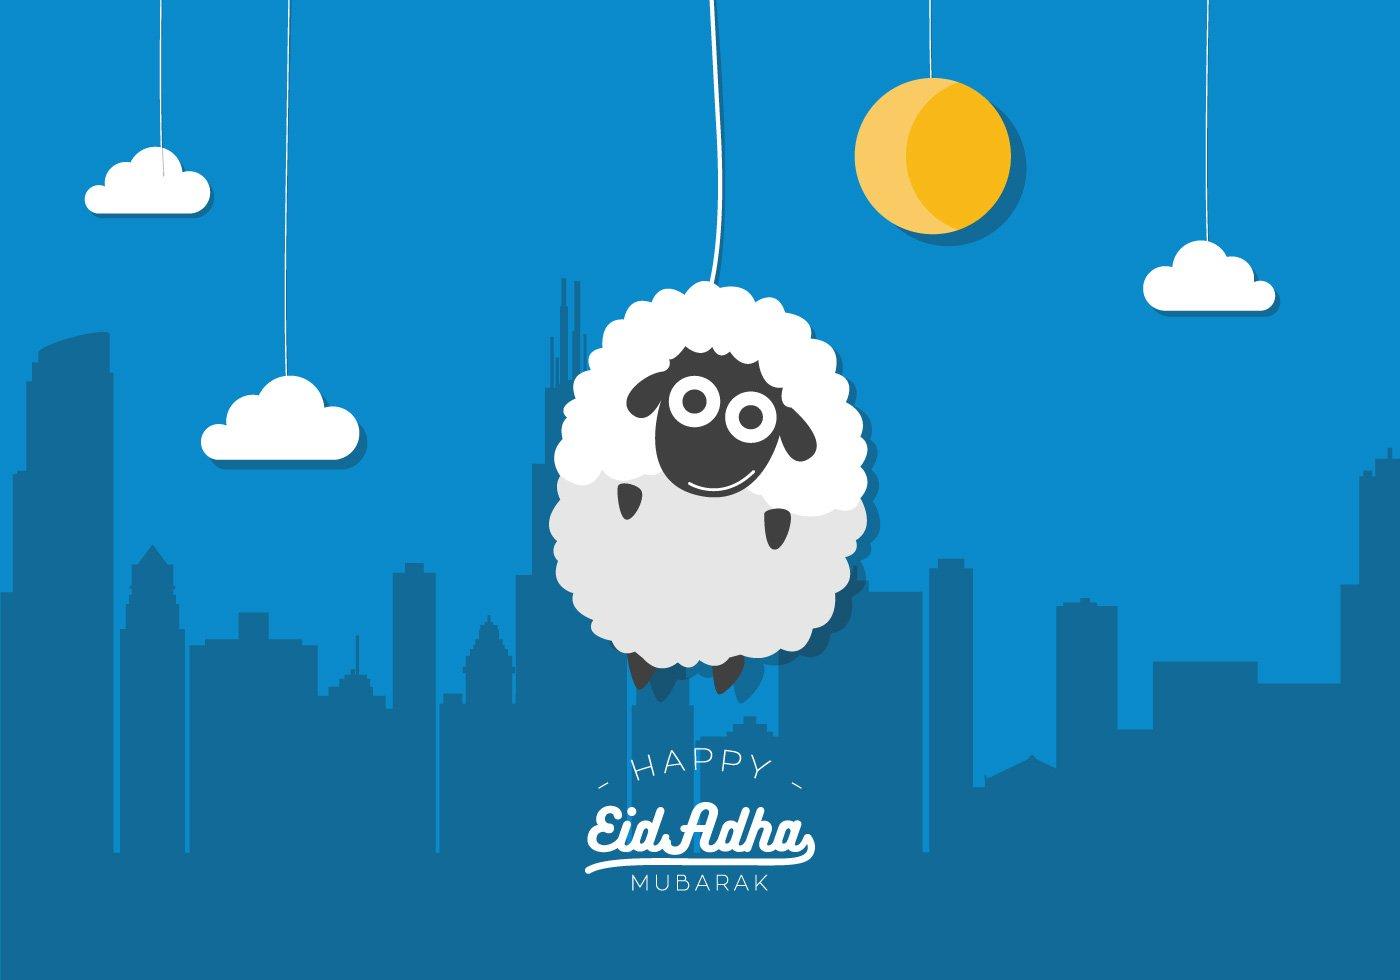 اجمل صور عيد الاضحى المبارك صور تهنئة بعيد الاضحى المبارك للاصدقاء 2020